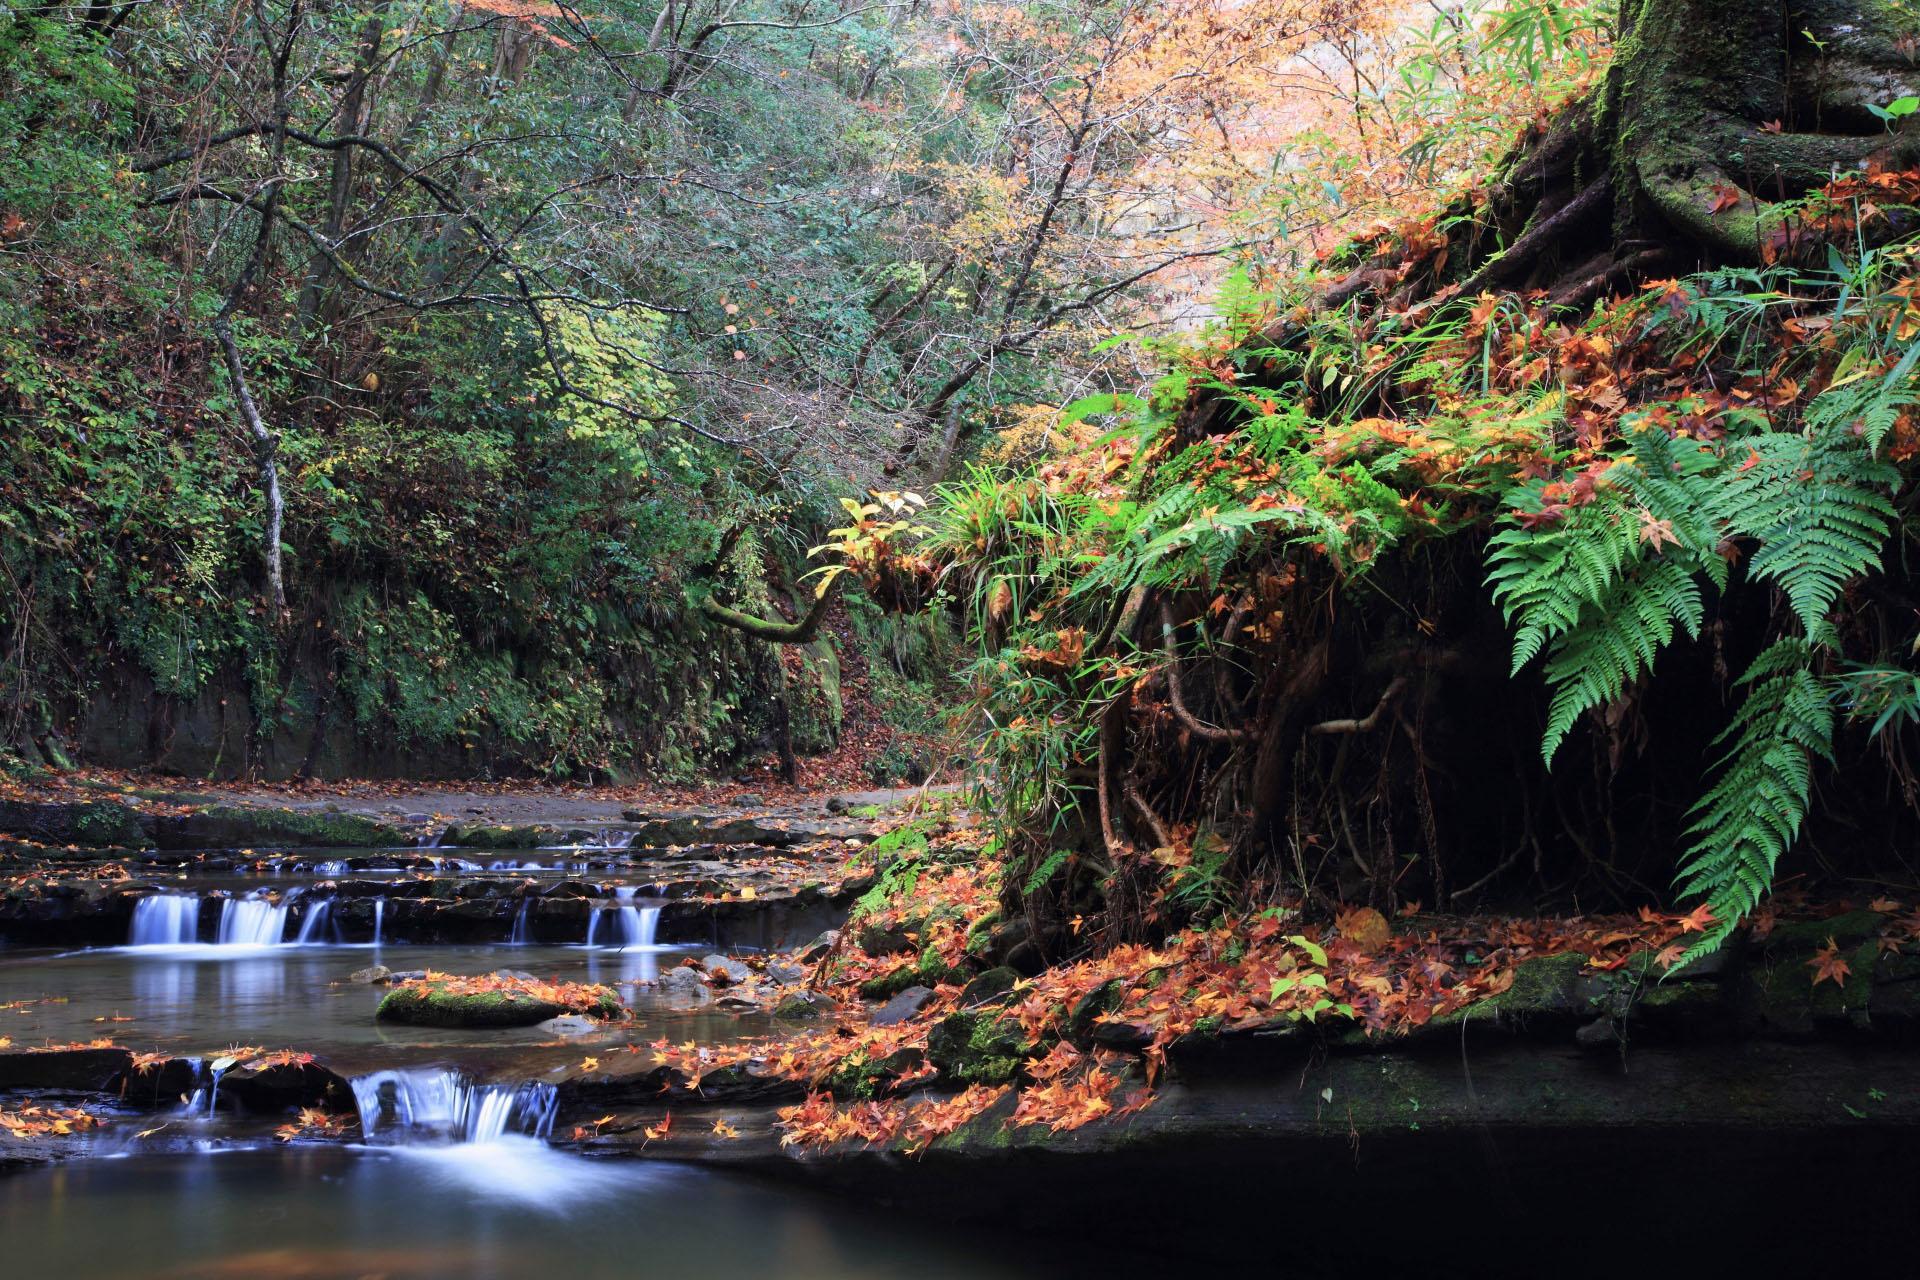 秋の梅ヶ瀬渓谷 千葉の風景